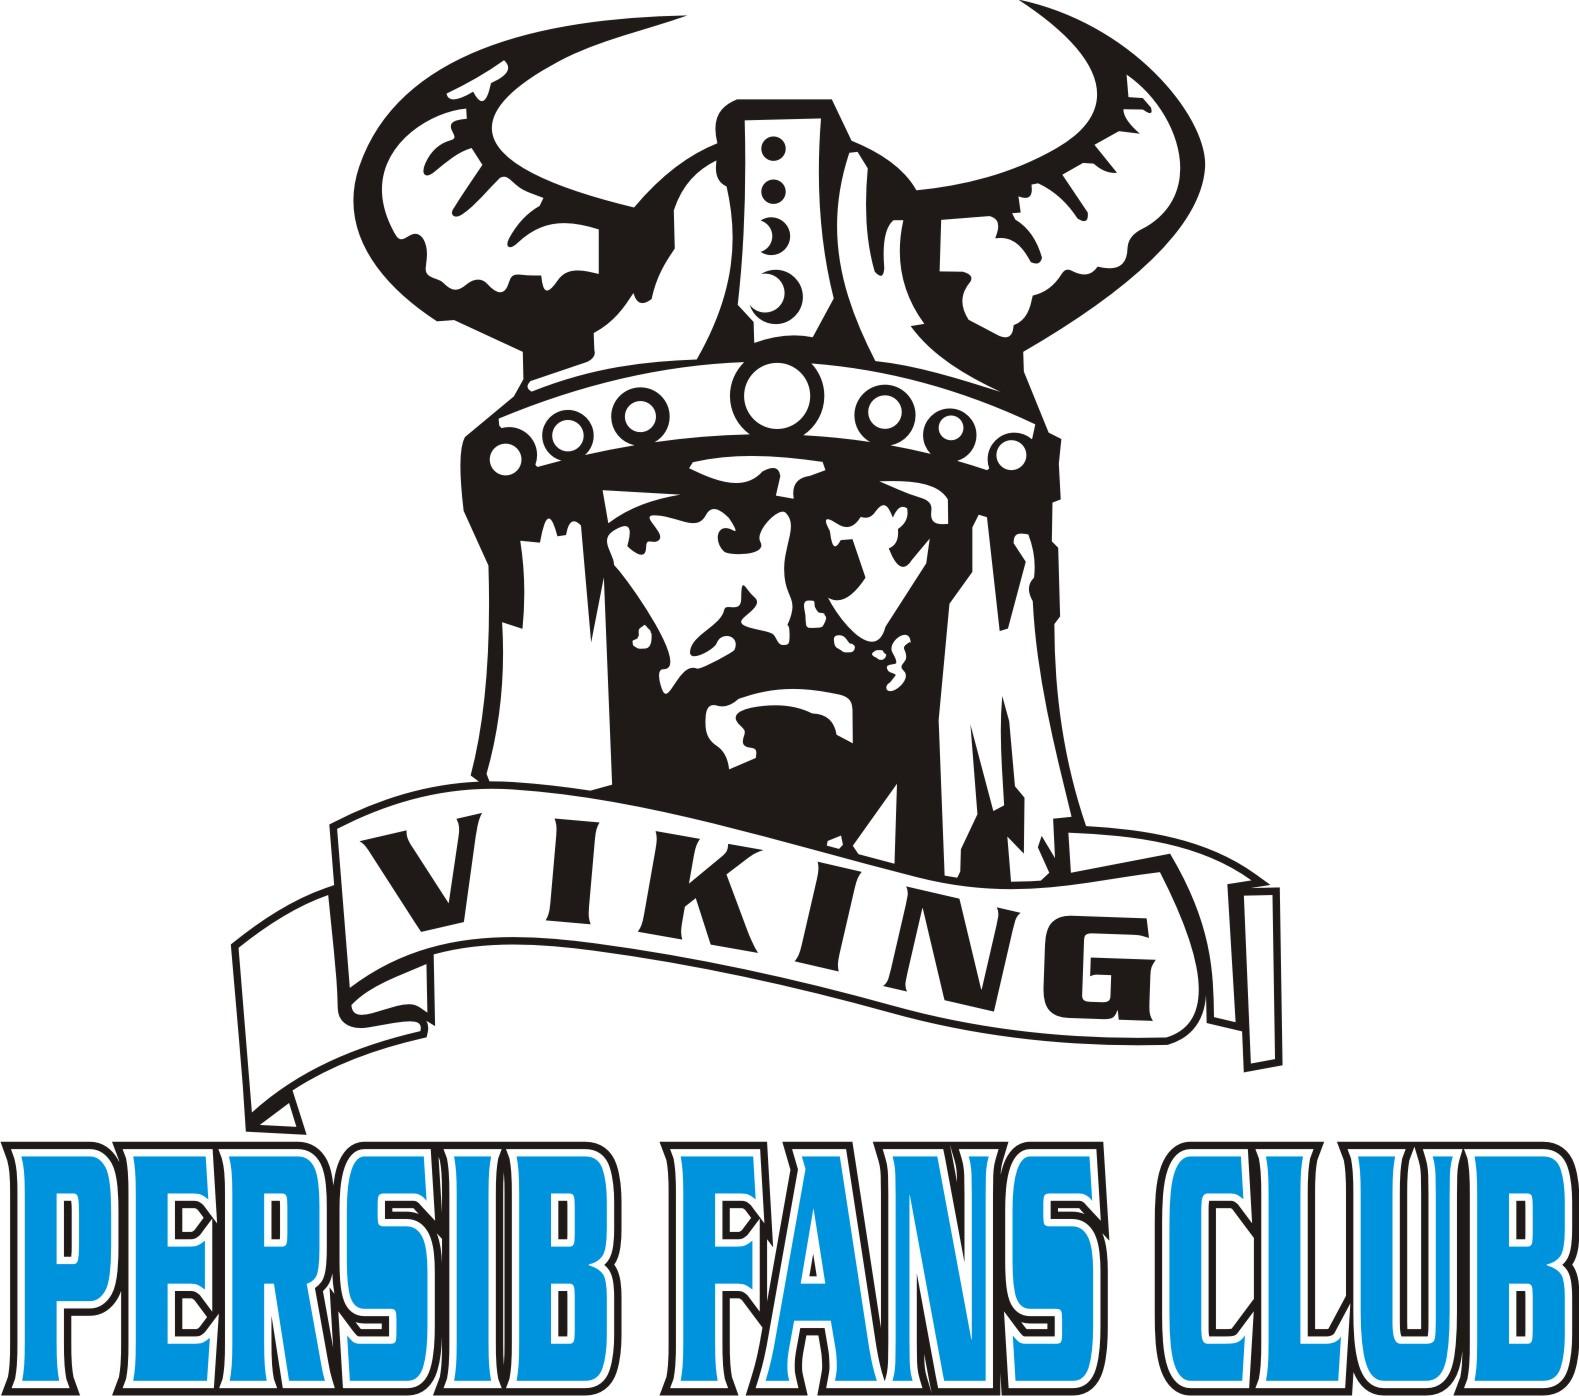 Gambar Viking Persib | Foto Bugil Bokep 2017